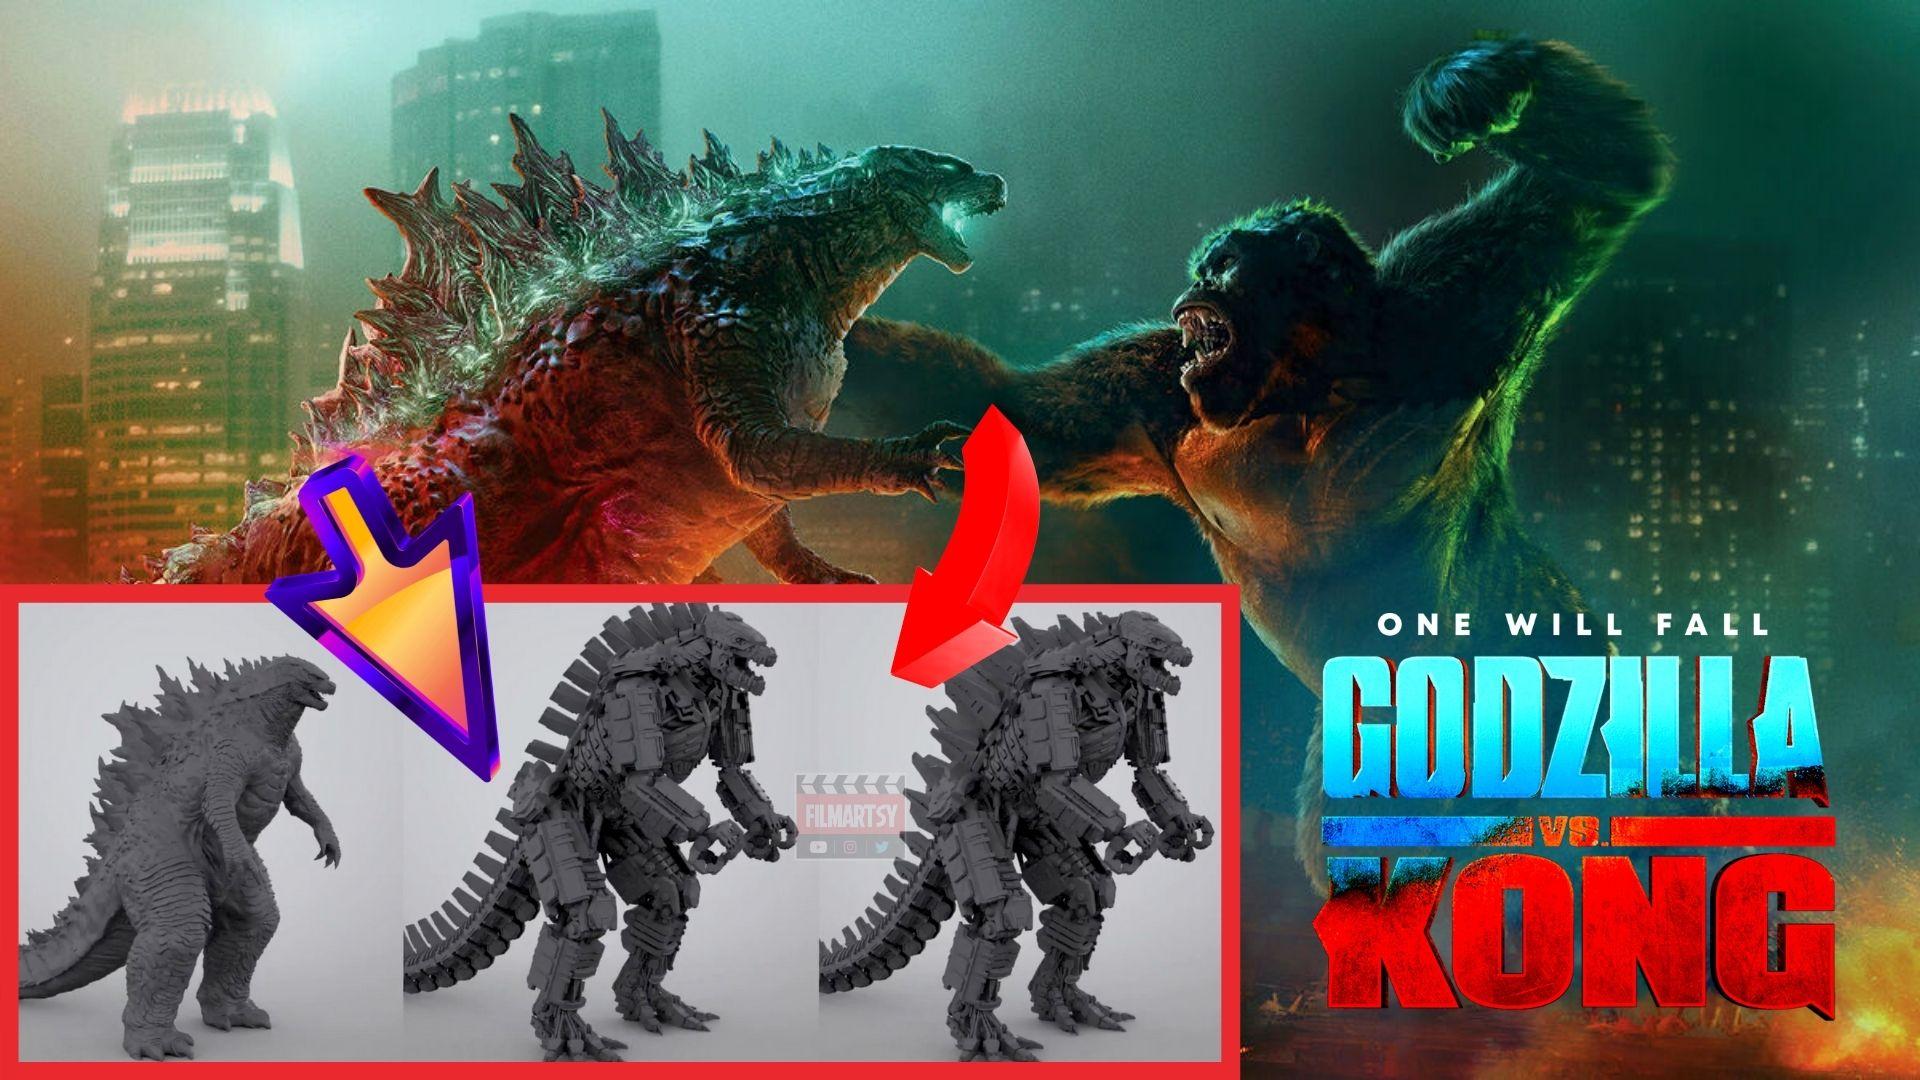 Godzilla vs kong bts